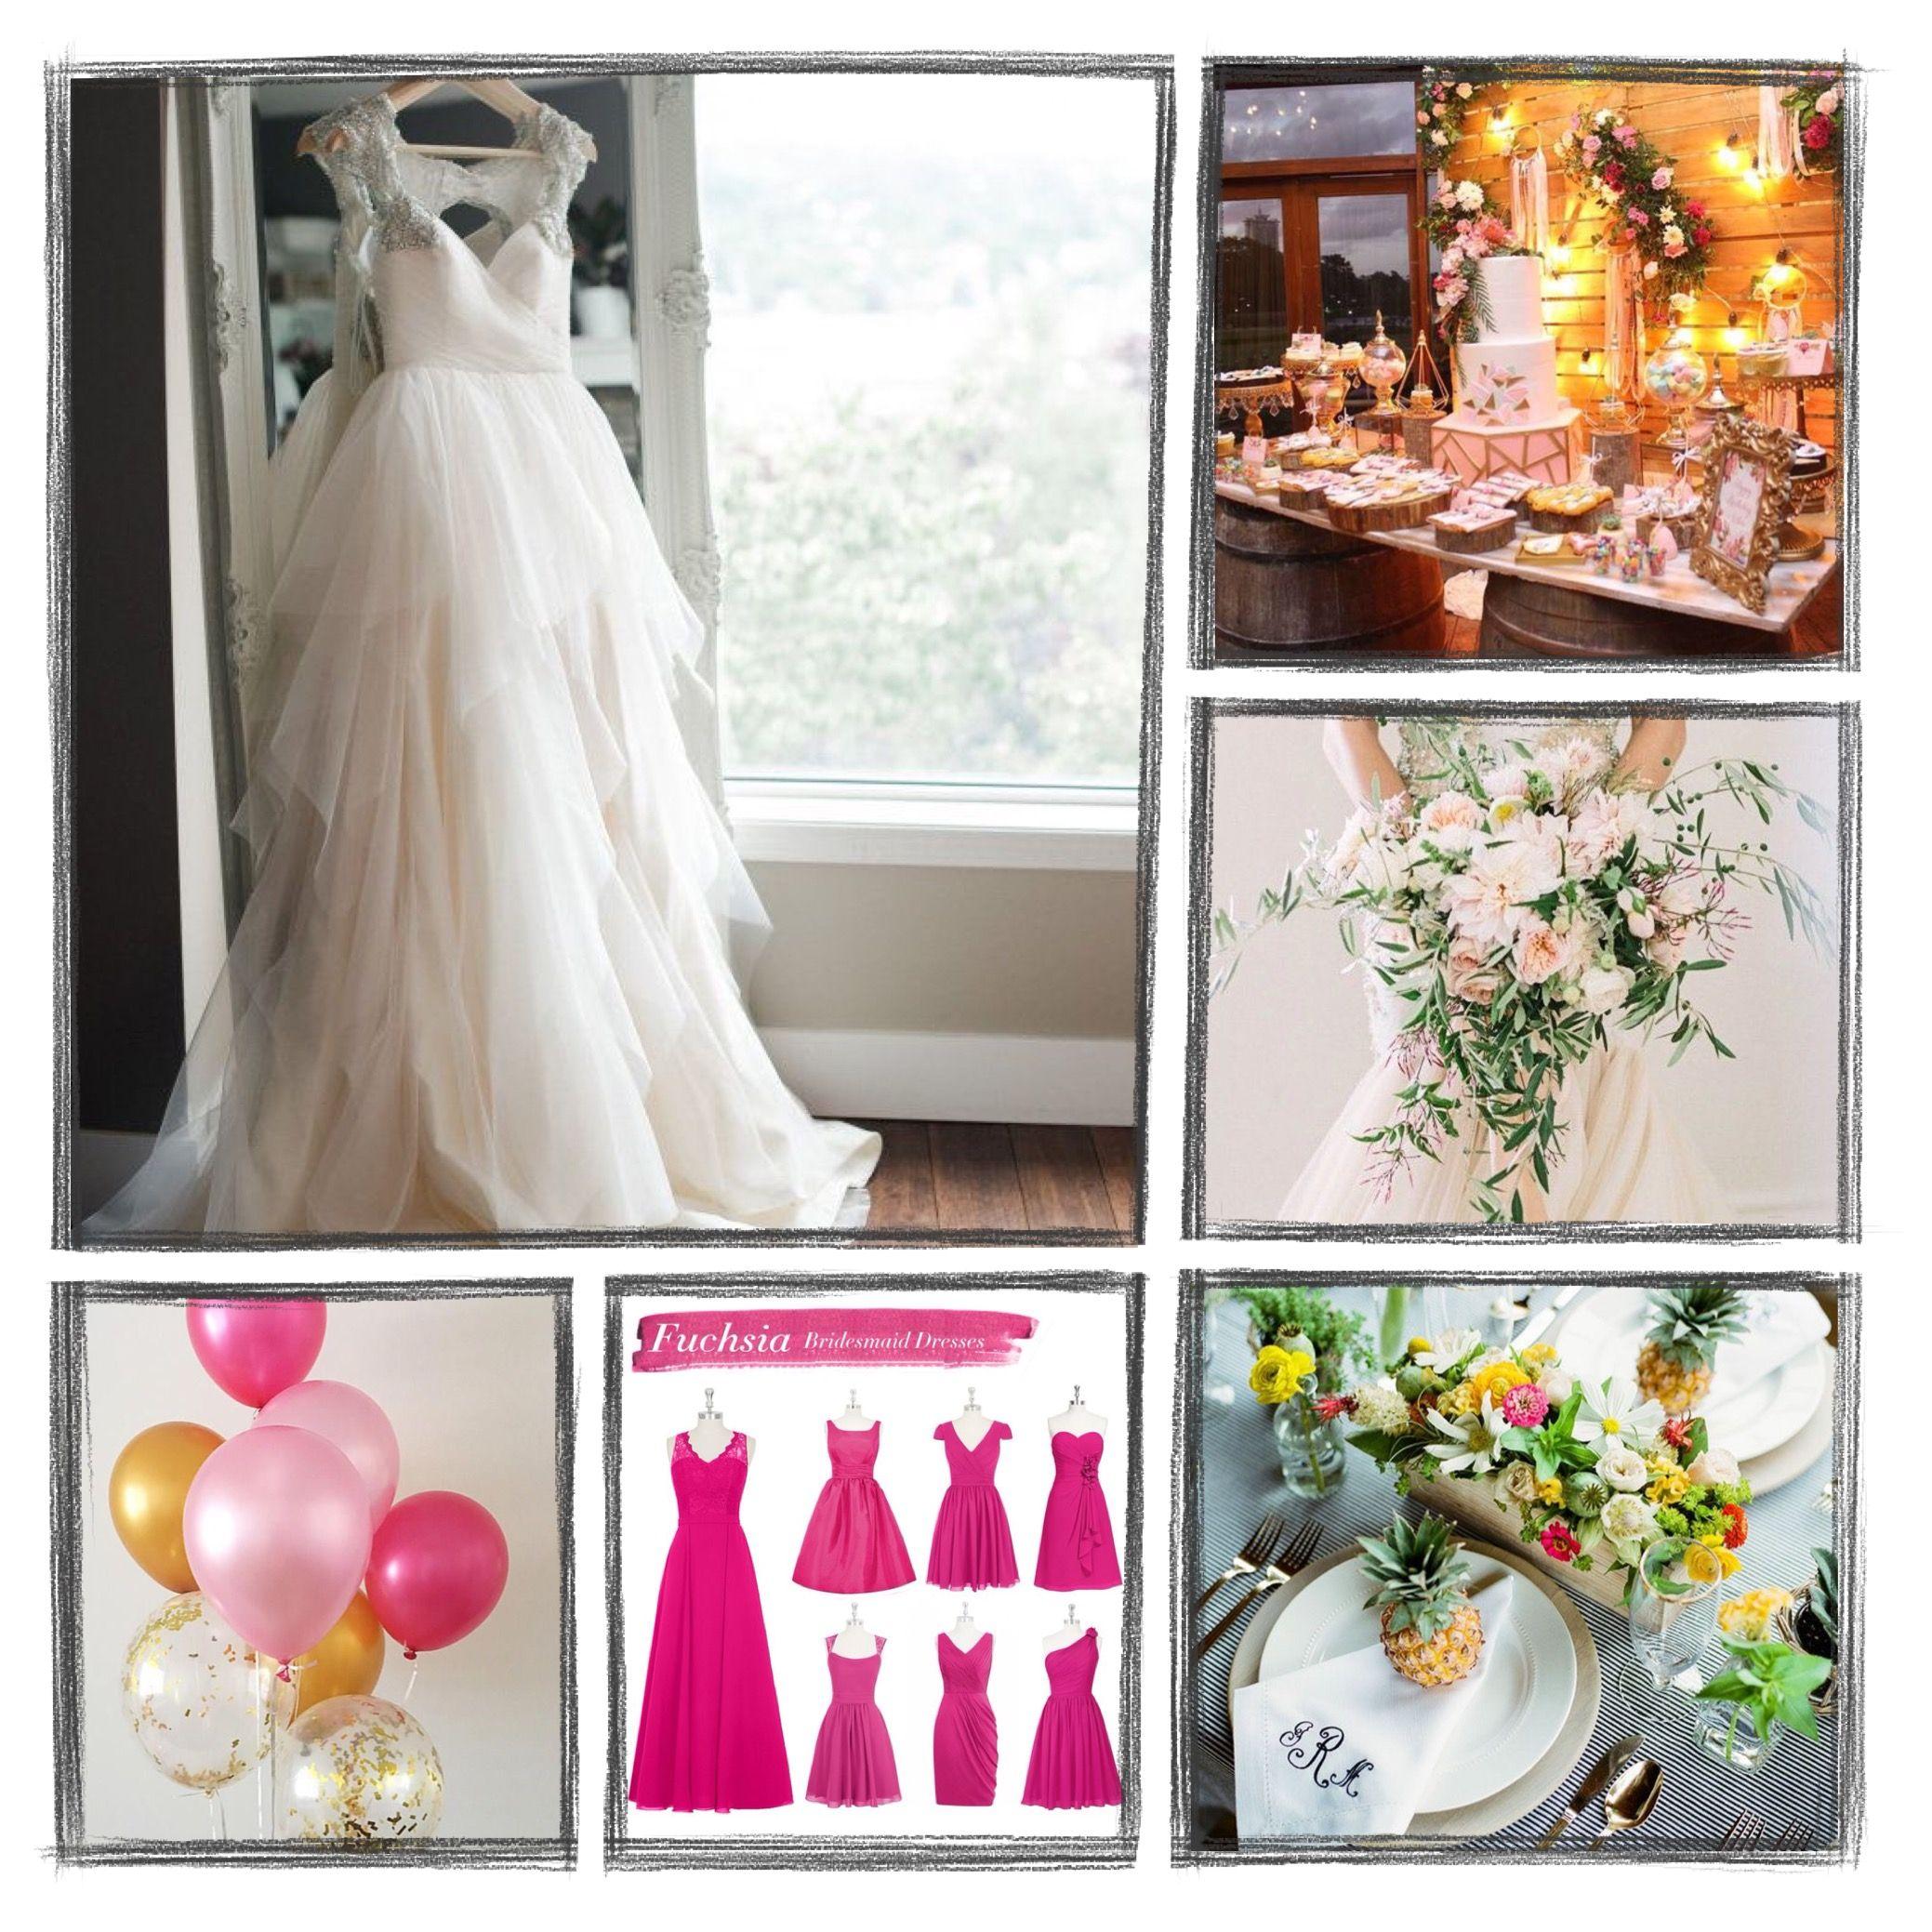 Wedding ideas for summer  SpringSummer Wedding   Wedding Ideas SpringSummer  Pinterest